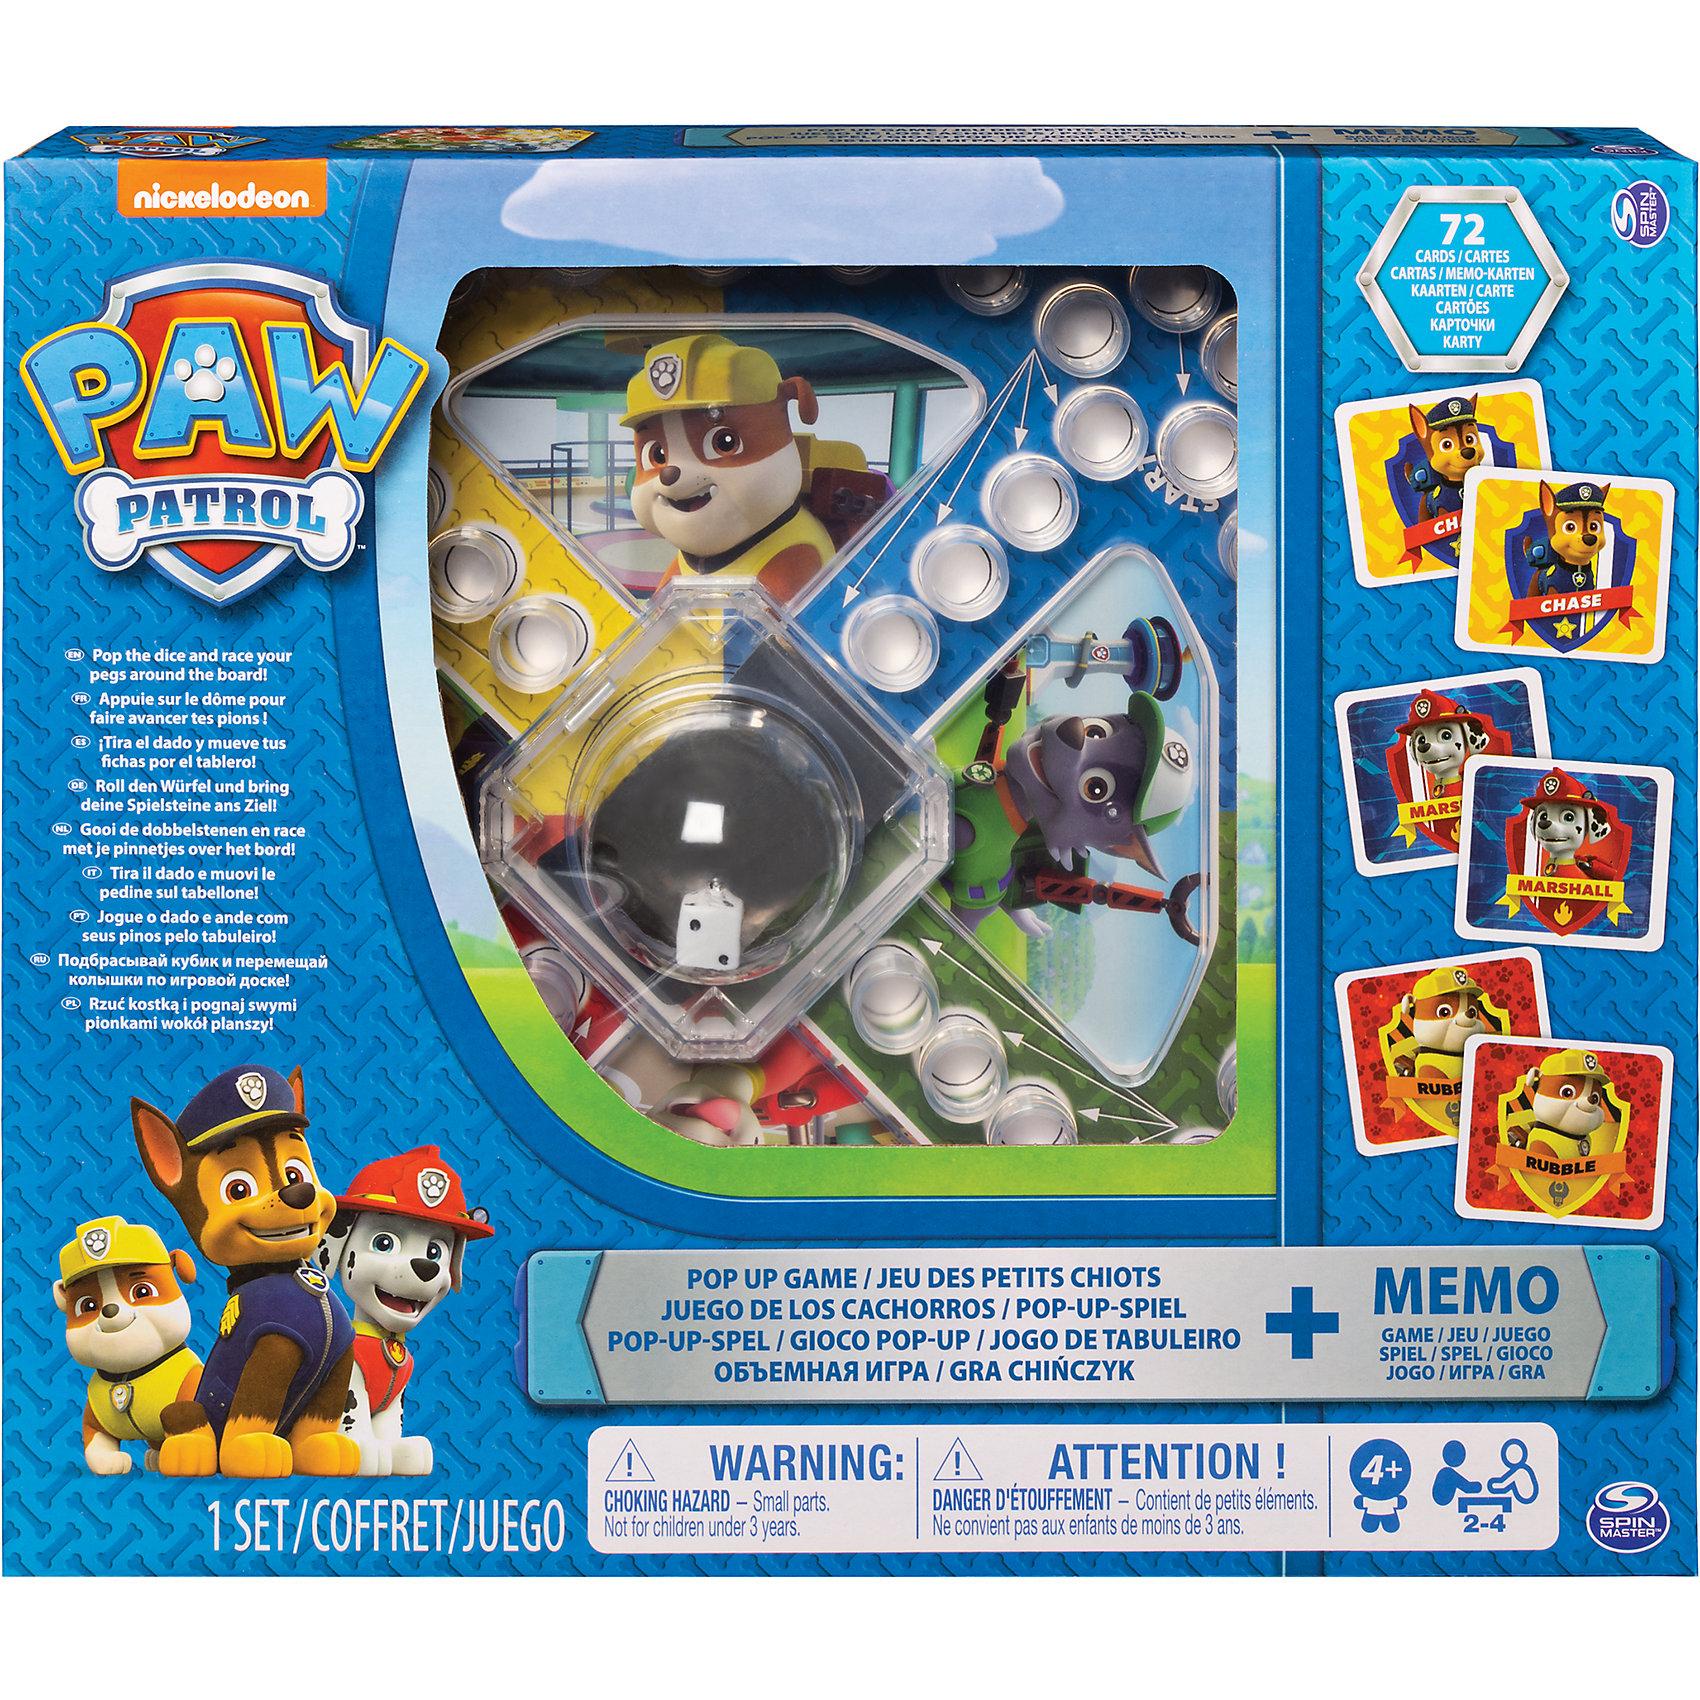 Игра с кубиком, фишками и карточки Memory, Щенячий Патруль, Spin MasterРазвивающие игры<br>Набор игр. Игра с кубиком и фишками - подбрасывай кубик и старайся довести свои фишки до центрального поля первым. 72 карты мемори - потренируй свою память вместе с любимыми героями!<br><br>Ширина мм: 320<br>Глубина мм: 270<br>Высота мм: 50<br>Вес г: 655<br>Возраст от месяцев: 48<br>Возраст до месяцев: 2147483647<br>Пол: Унисекс<br>Возраст: Детский<br>SKU: 5493556